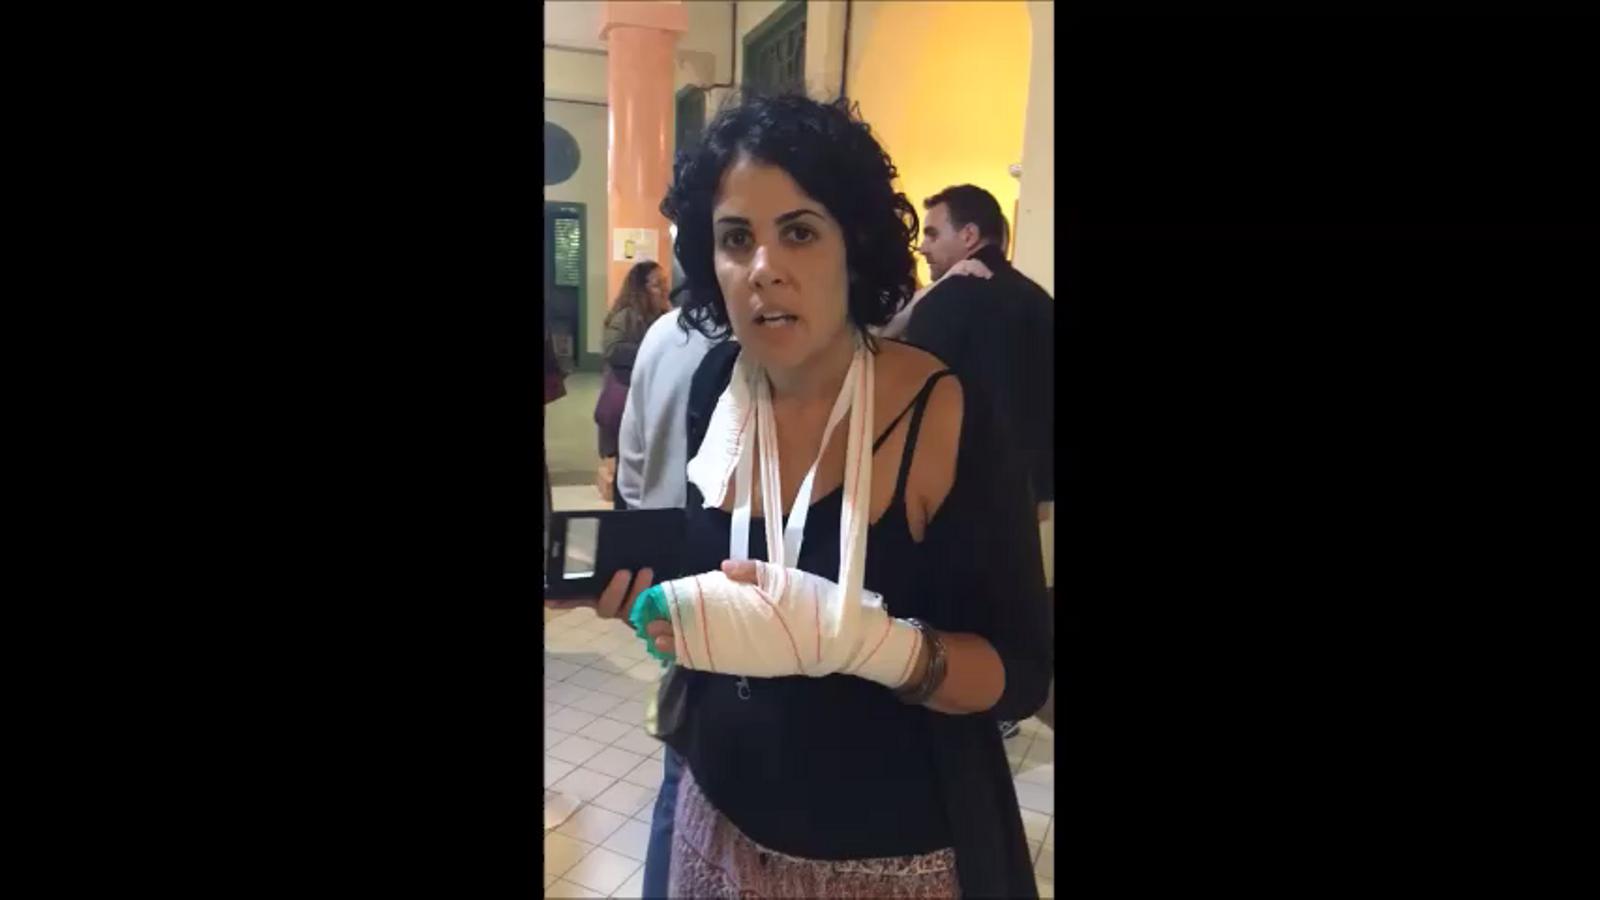 Marta Torrecillas explica què li ha fet la Policia